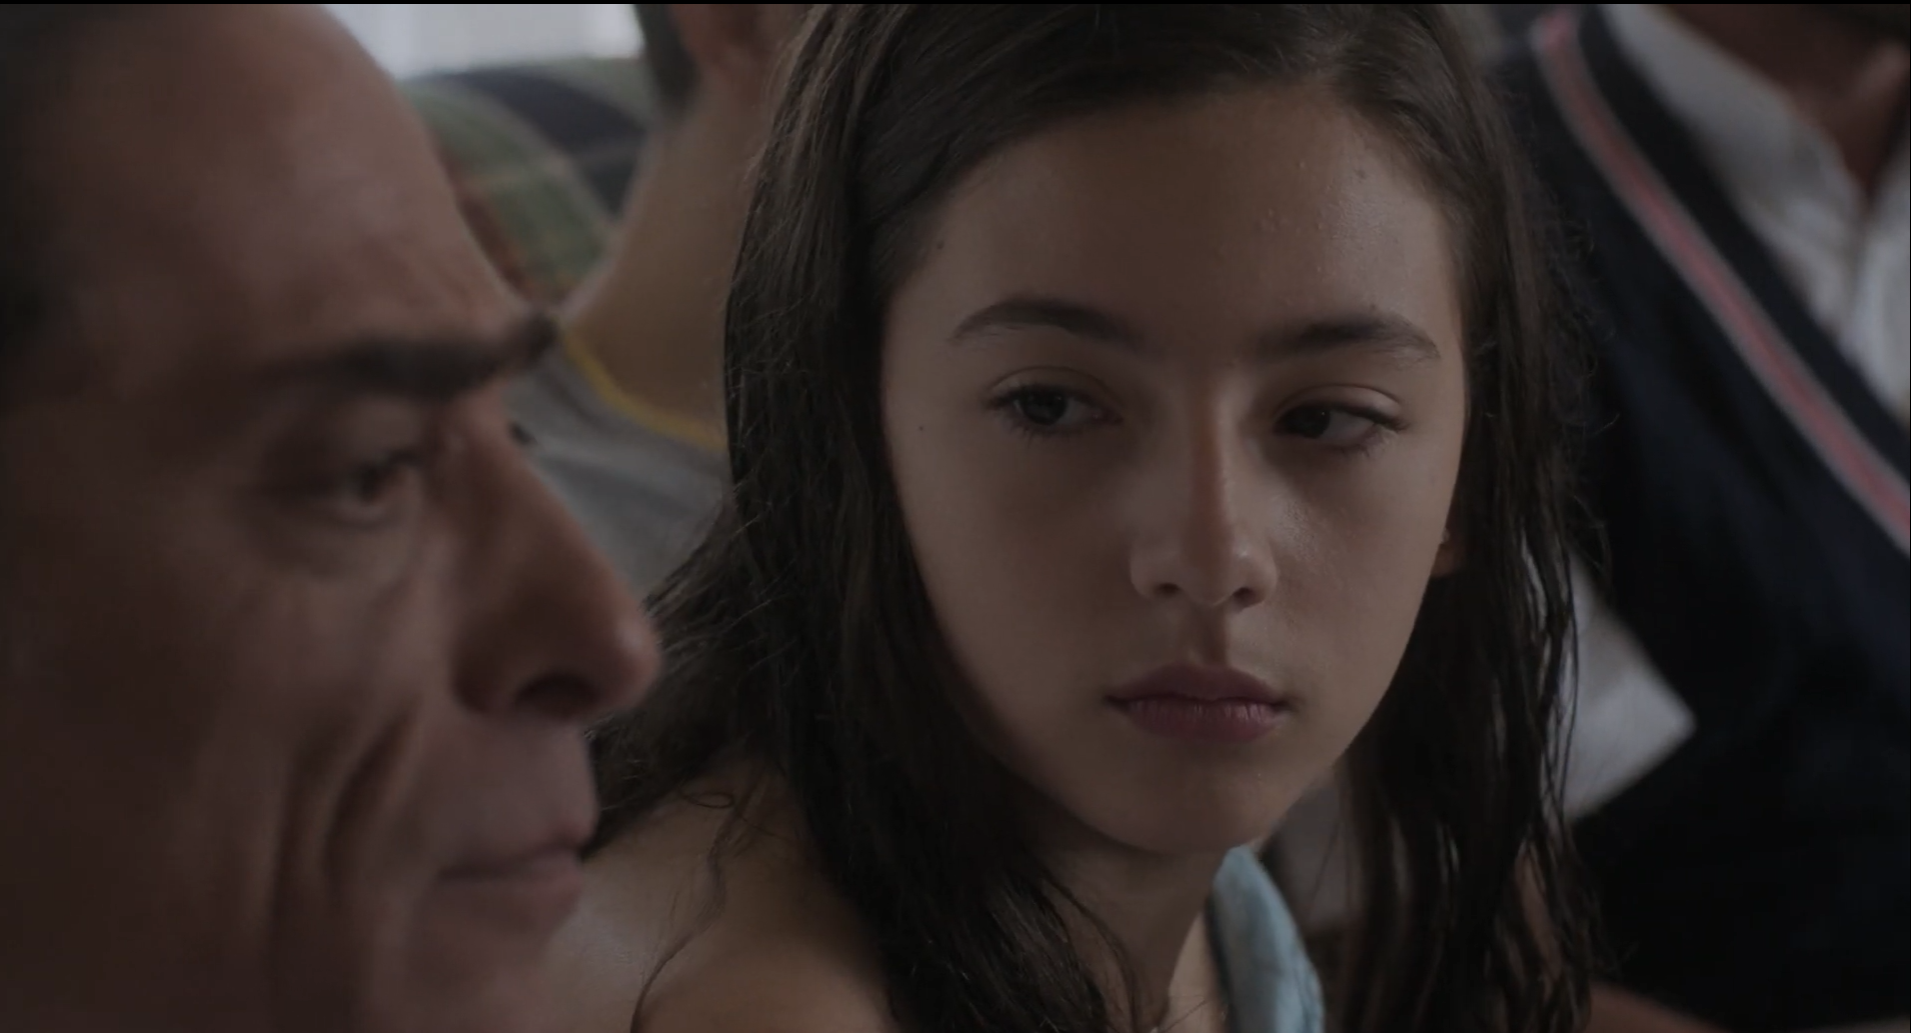 Cena do curta Brasil x Holanda. A cena mostra o foco no rosto de uma garota jovem e branca, de cabelos pretos, olhando diretamente para o rosto de um homem mais velho.